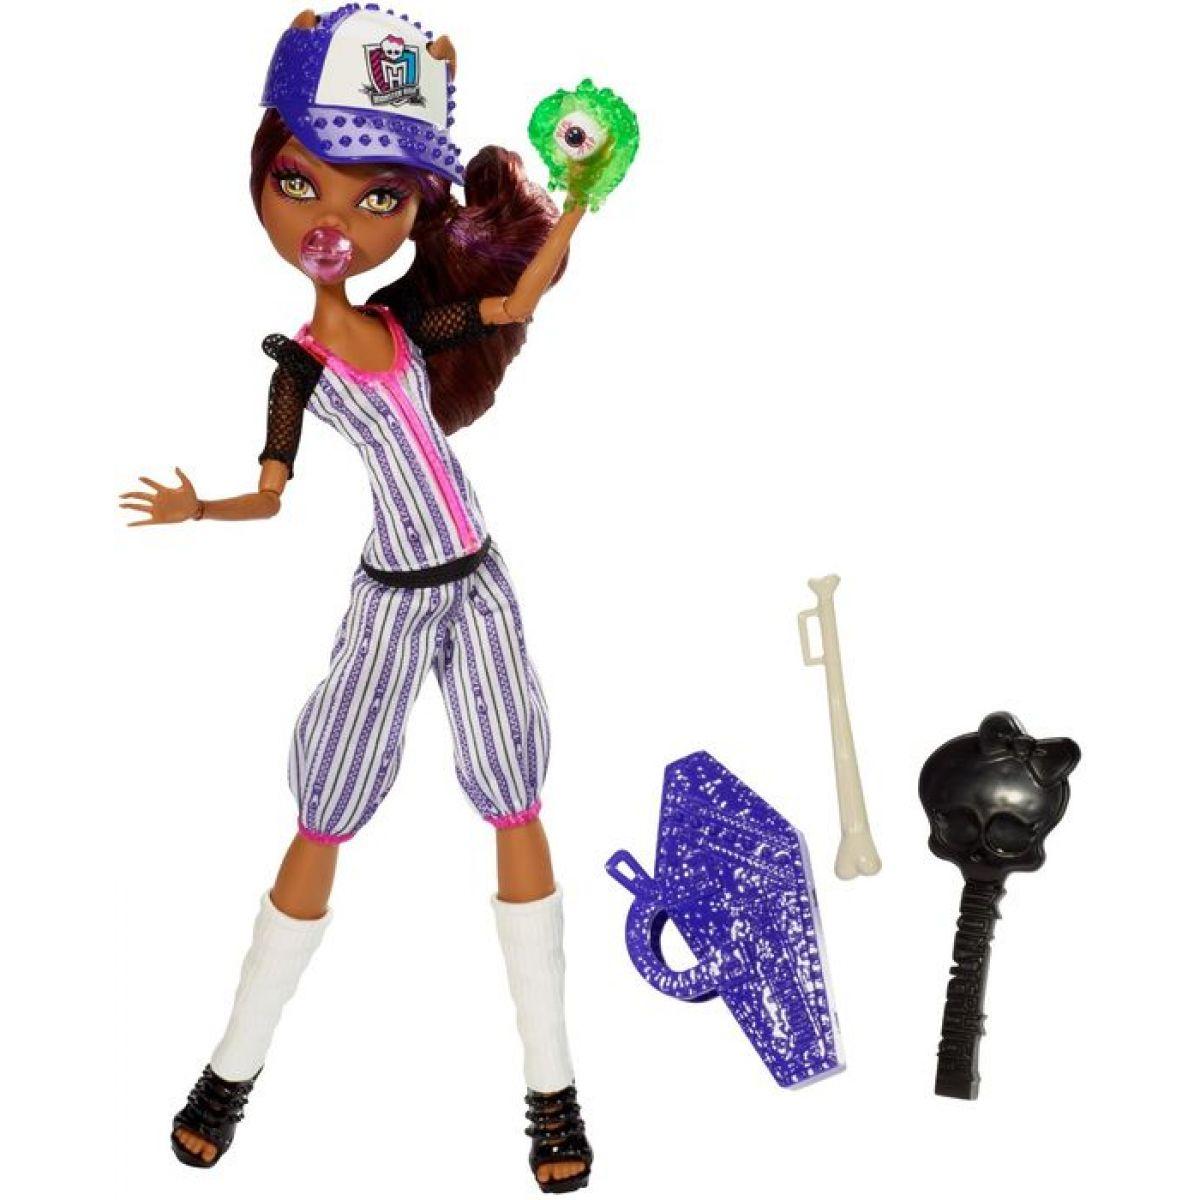 Mattel Monster High Sportovní příšerky - Clawdeen Wolf